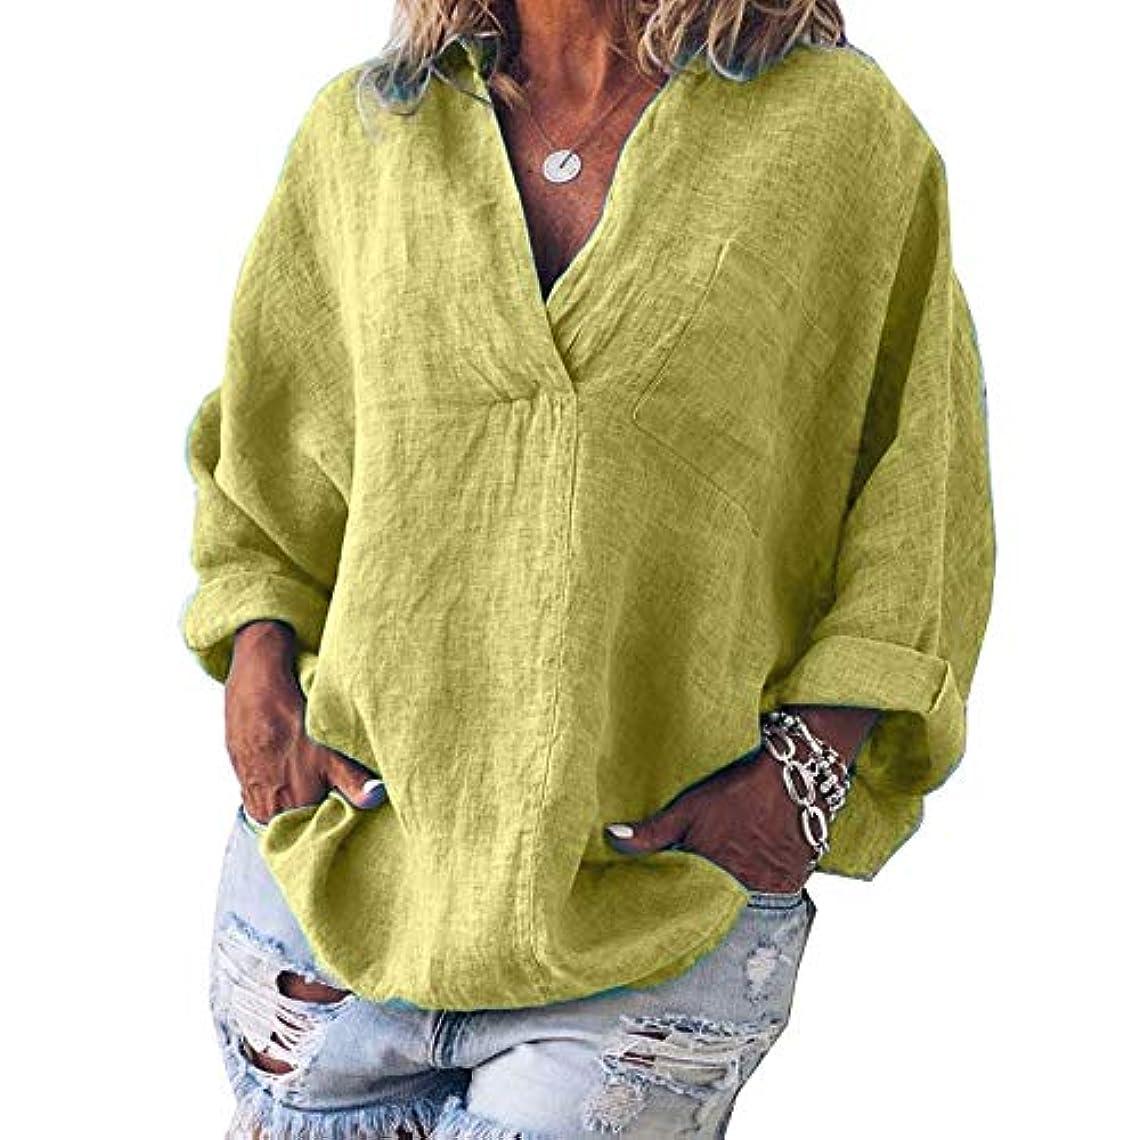 差別的穏やかな同封するMIFAN女性ファッション春夏チュニックトップス深いVネックTシャツ長袖プルオーバールーズリネンブラウス